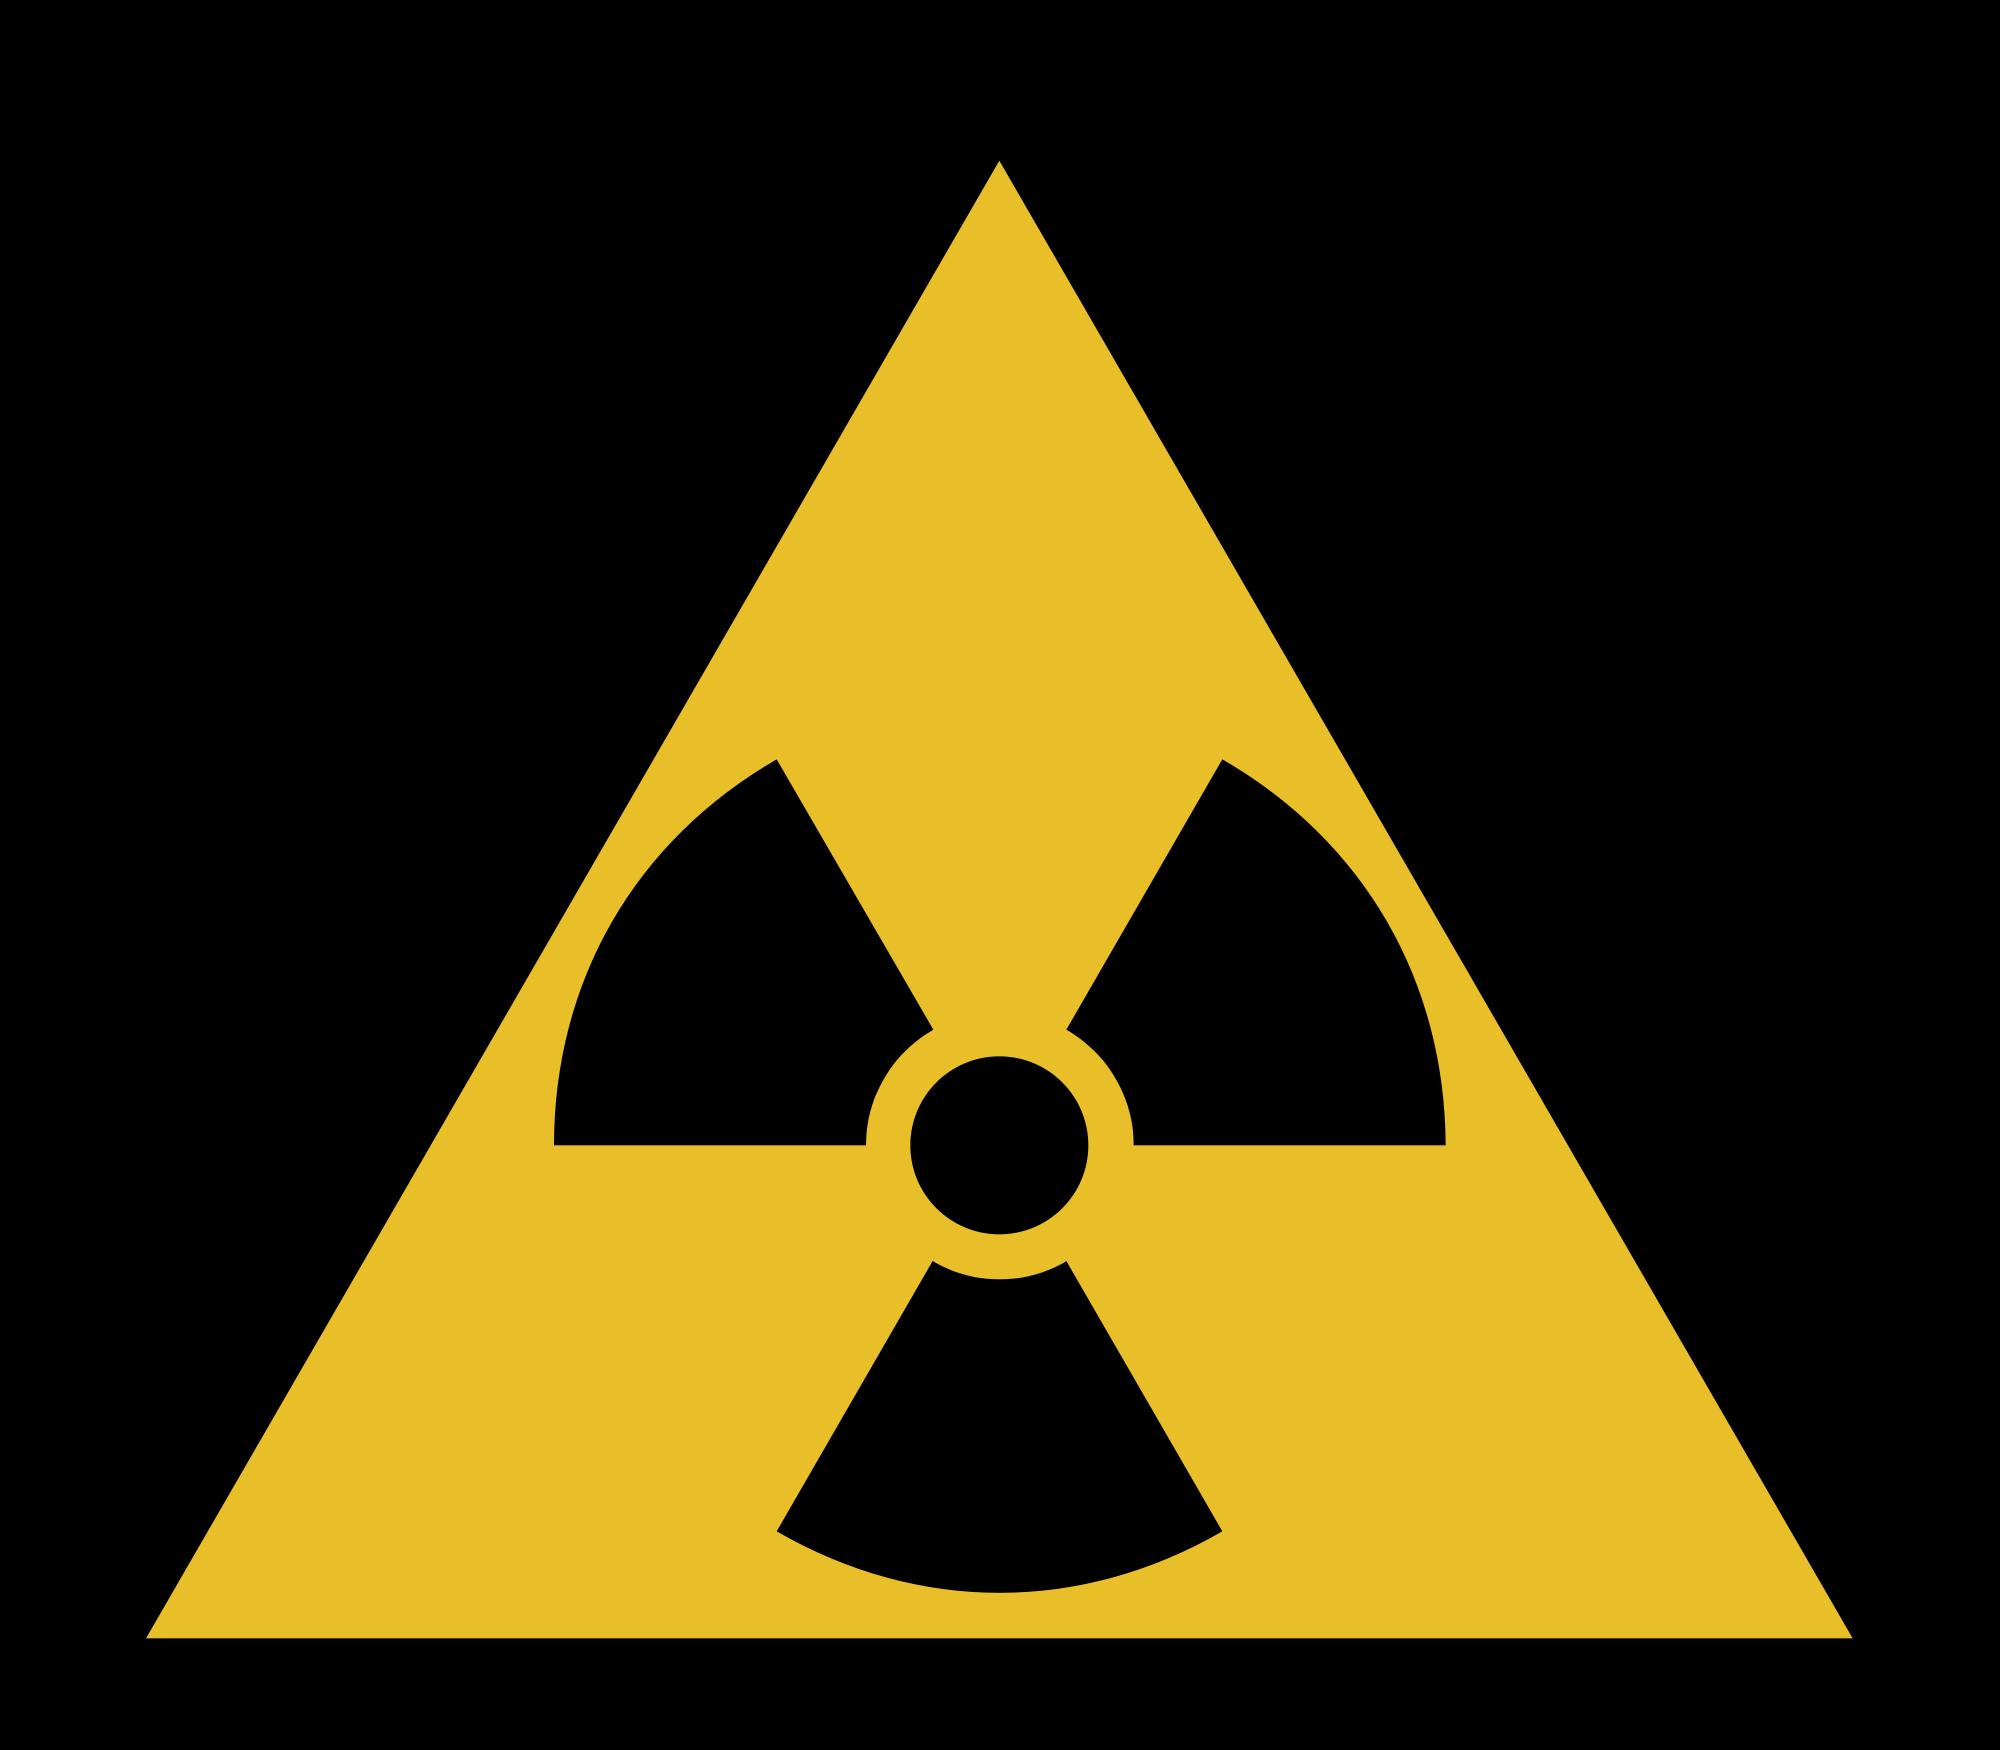 Radioactive svg #18, Download drawings